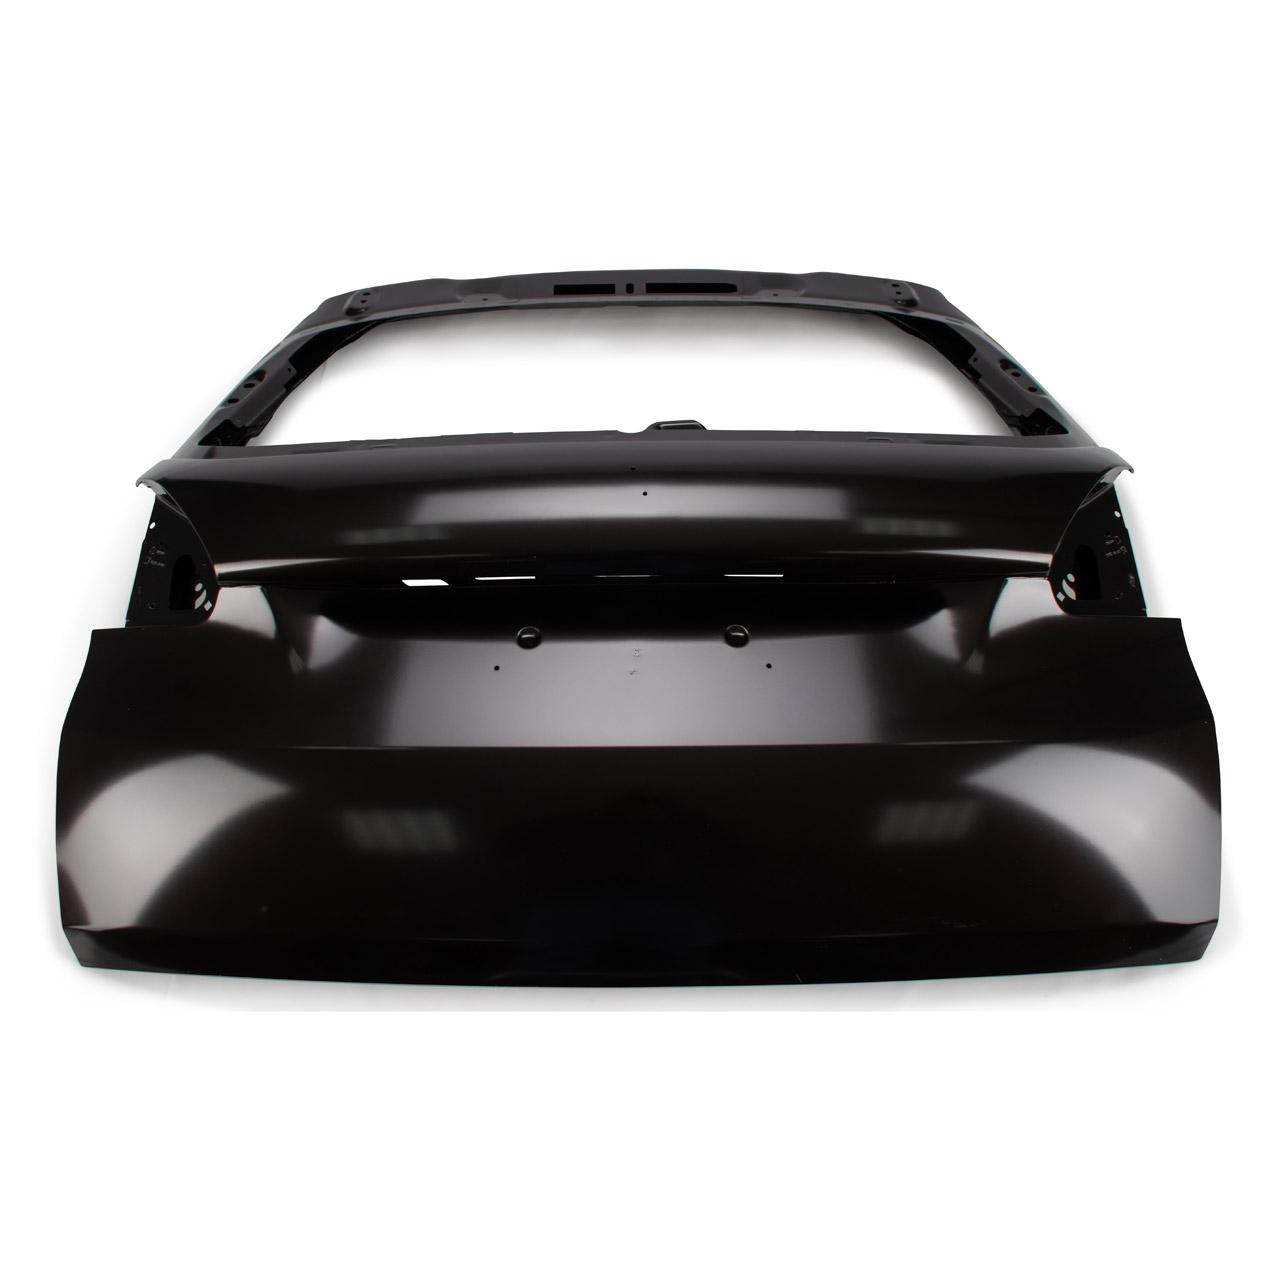 ORIGINAL Peugeot Heckklappe Klappe 2008 1 mit Parkassistenzsystem 9815786080